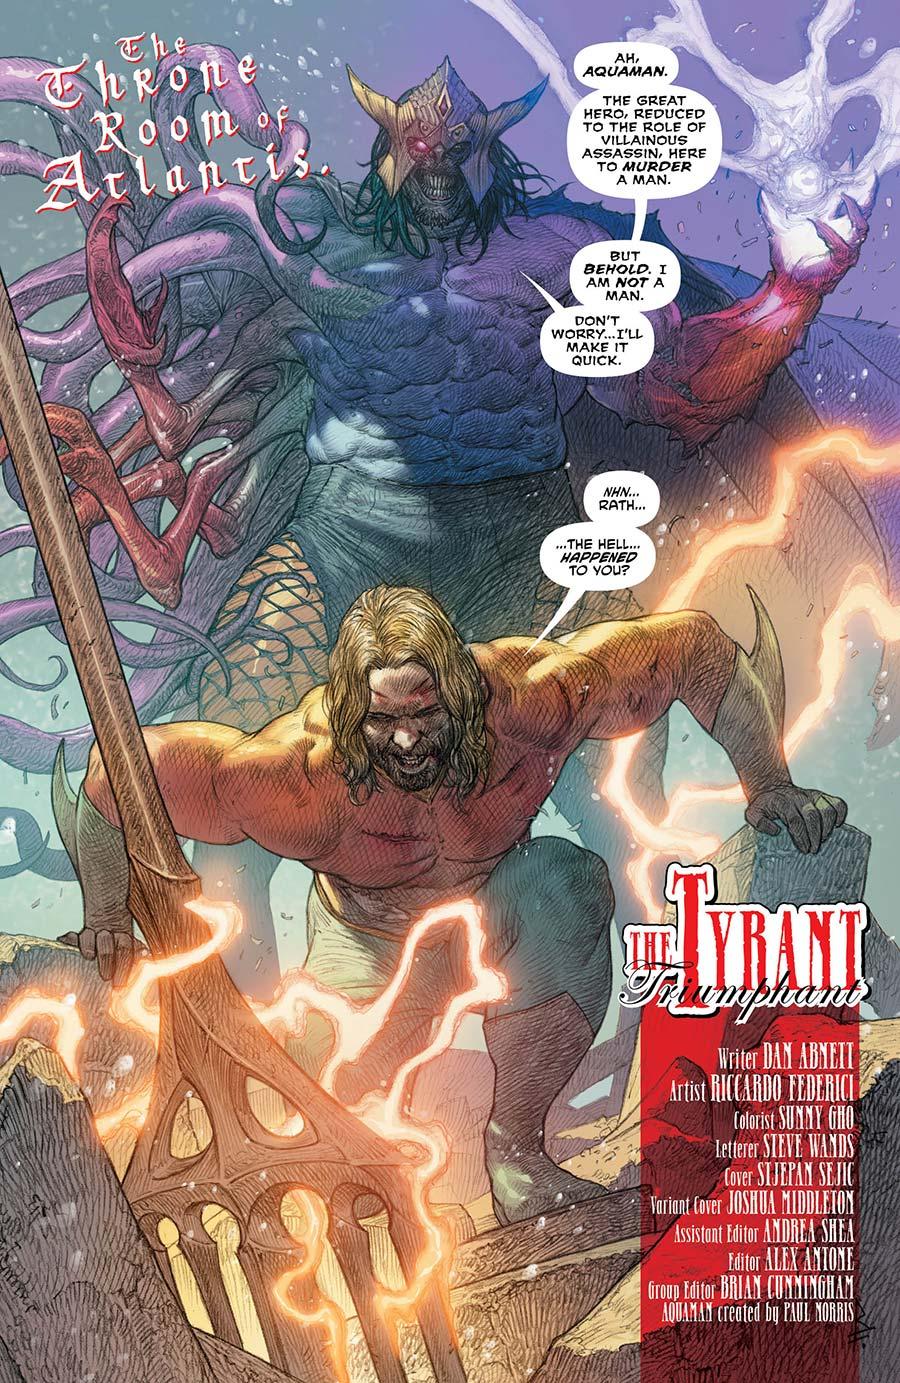 Aquaman 37_1 - DC Comics News